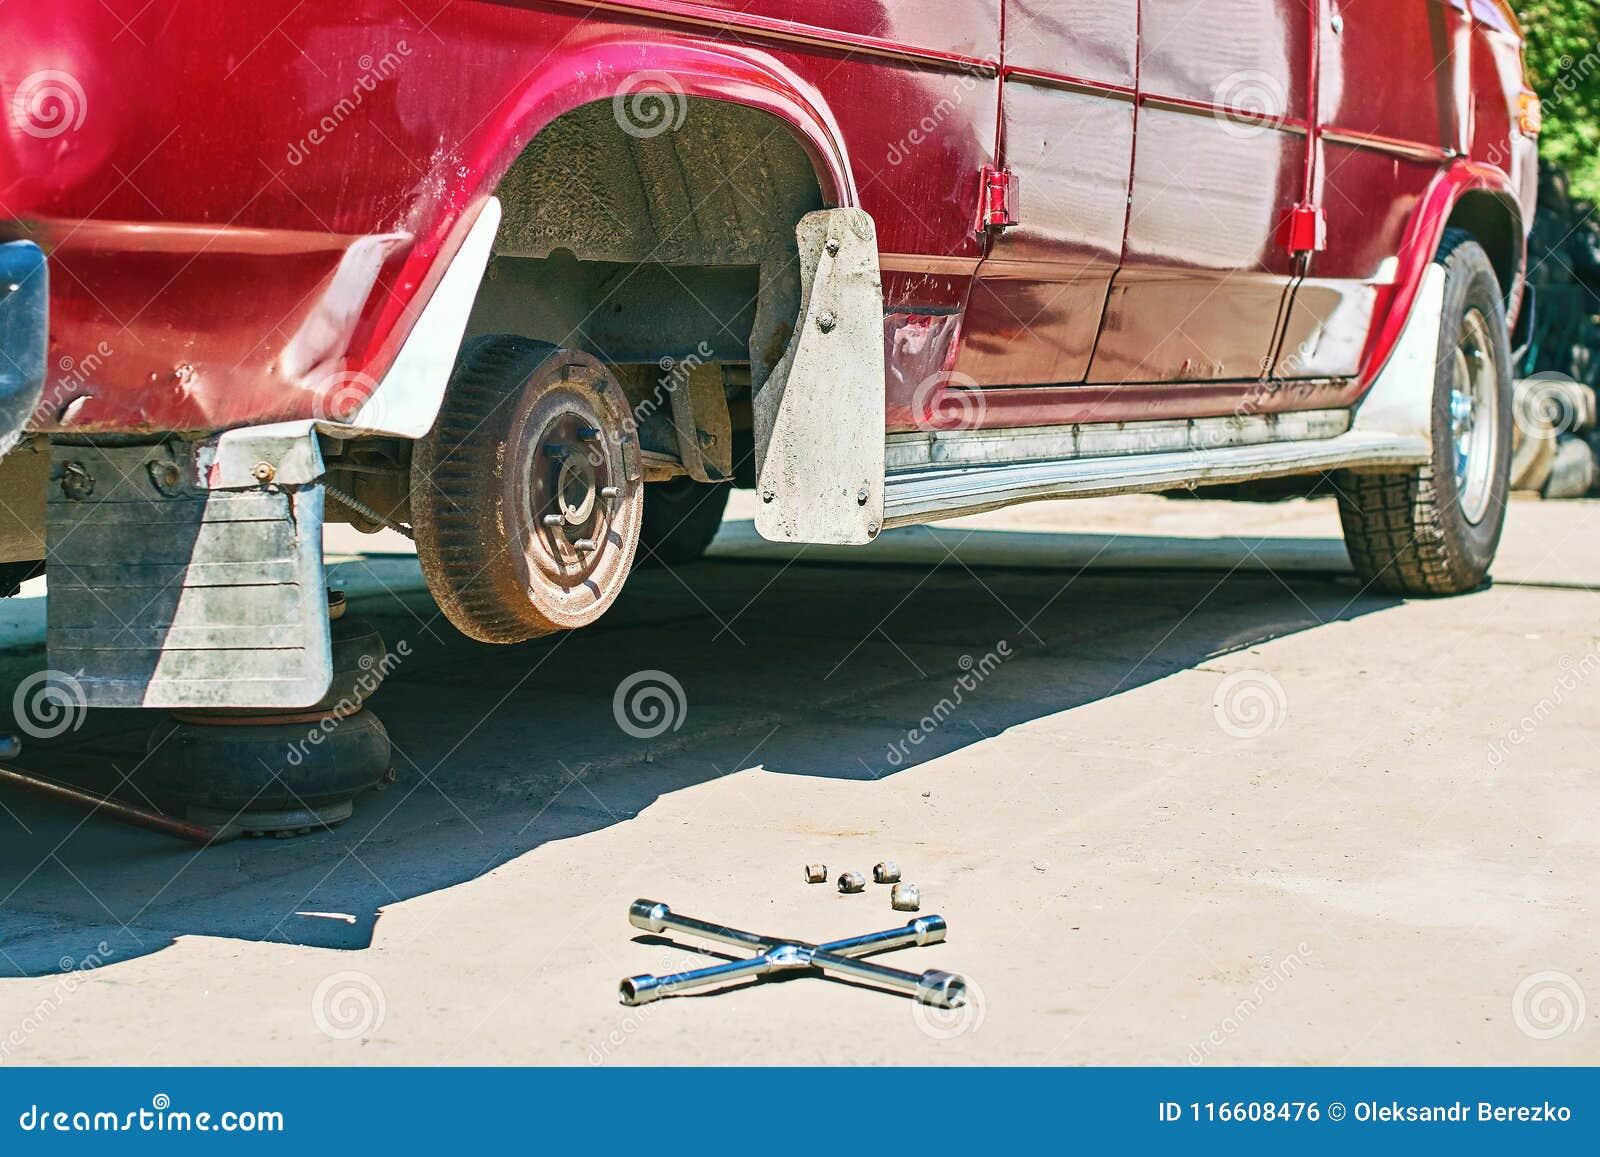 Changement d une roue ou d un pneu dans un fourgon rouge de vieux vintage au service extérieur de voiture